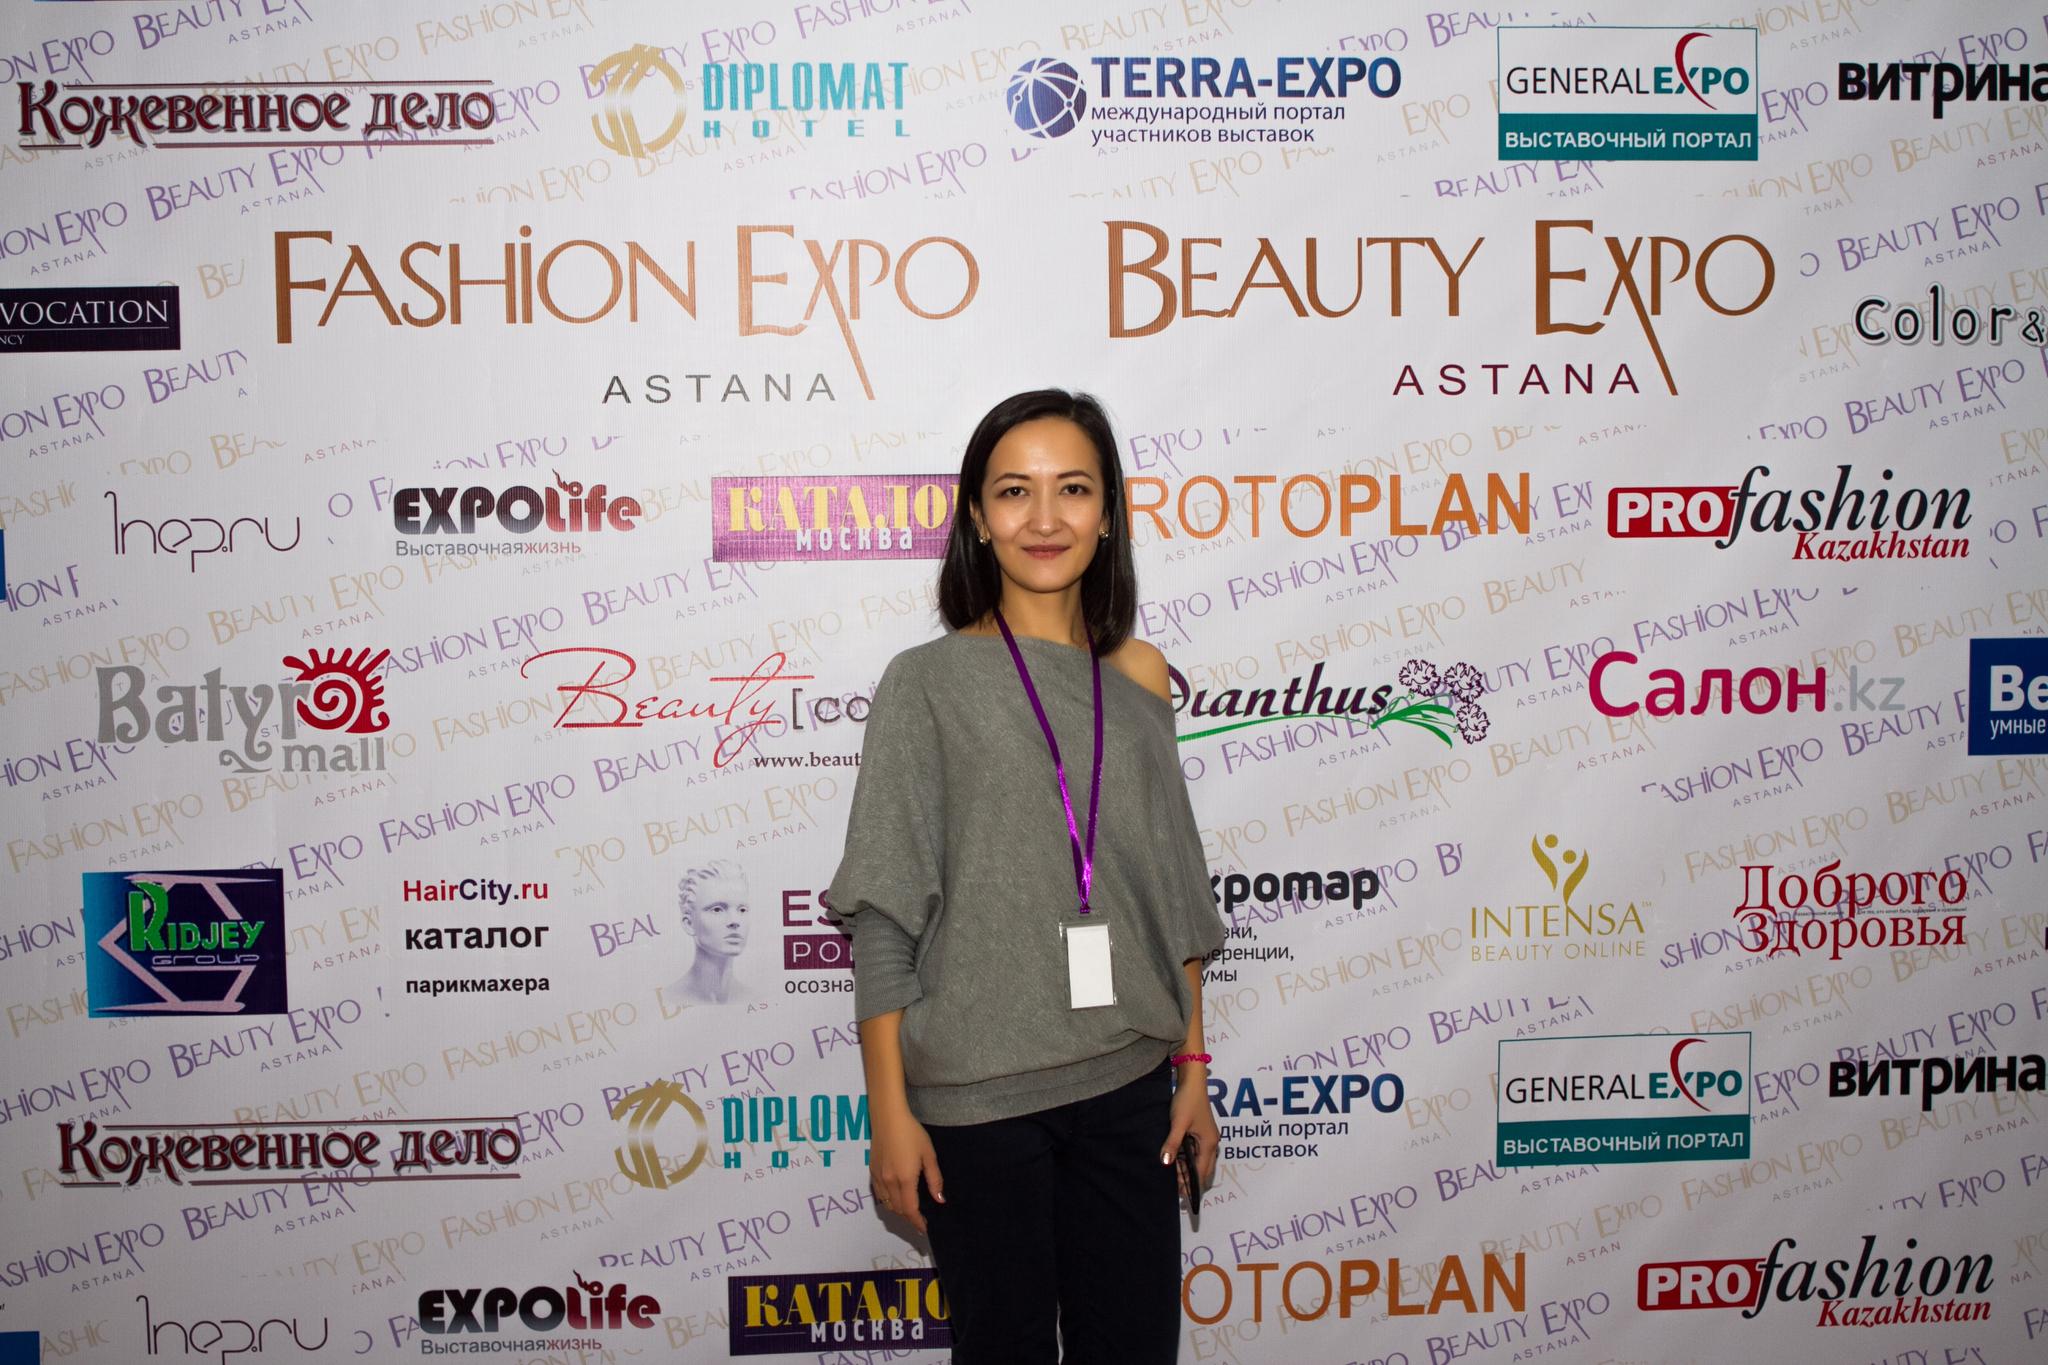 BEAUTY EXPO ASTANA 2016